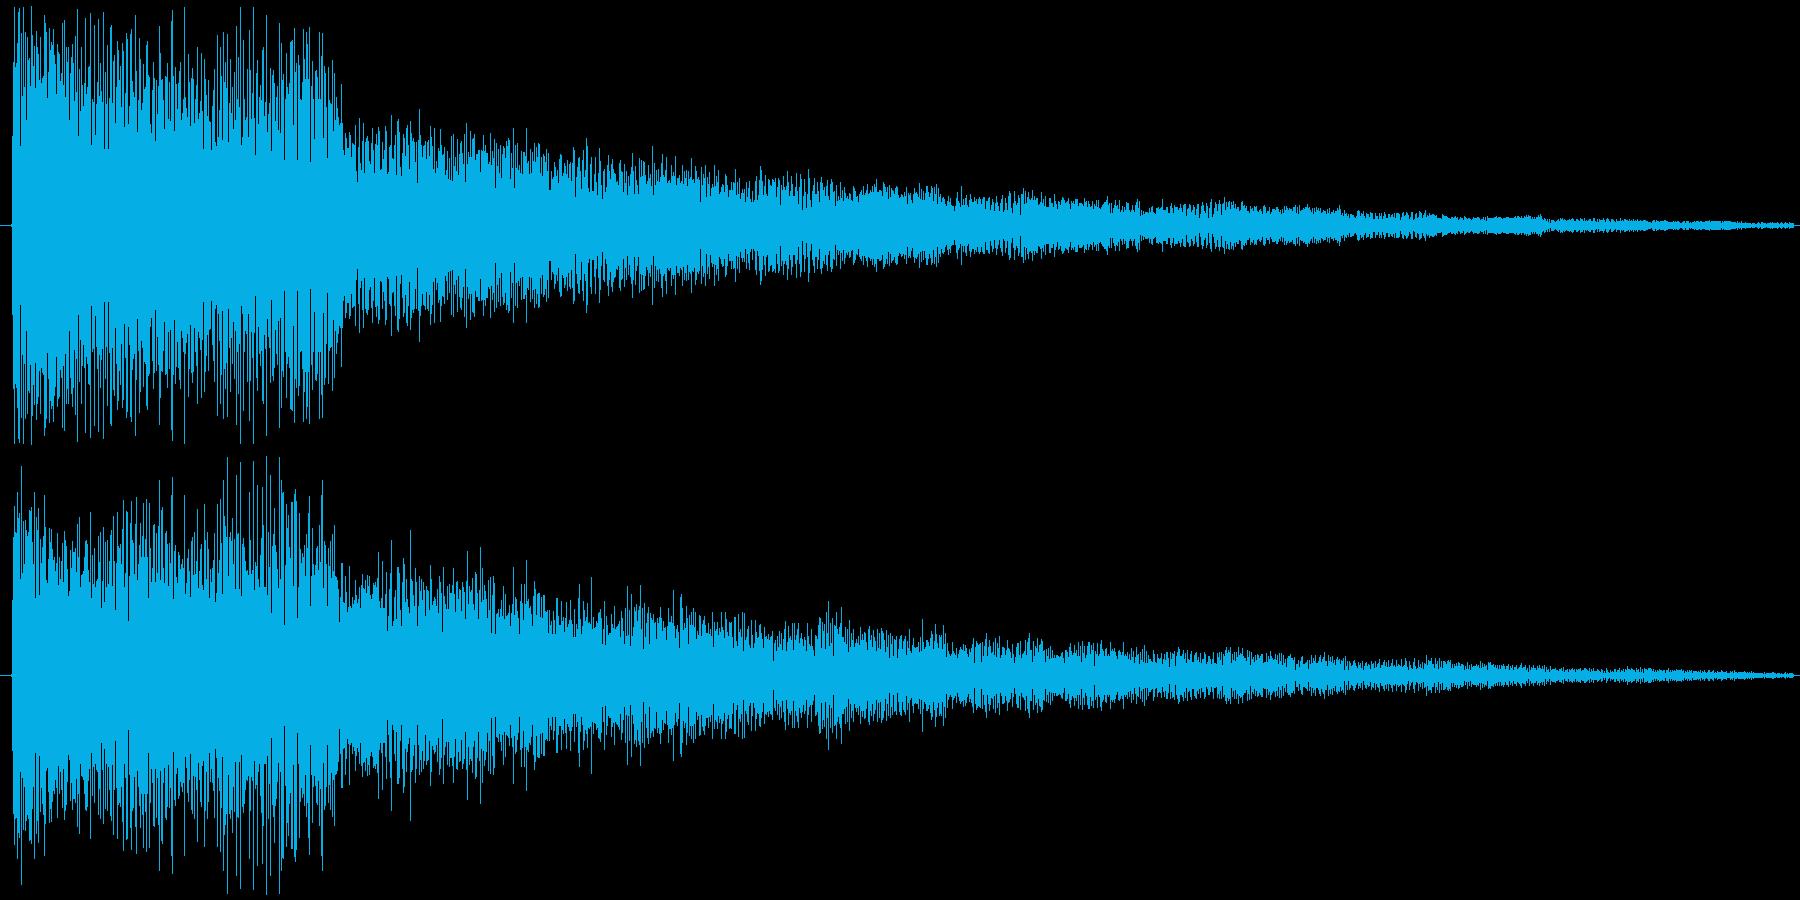 【効果音/ボタン/アプリ/癒し/ポワン】の再生済みの波形